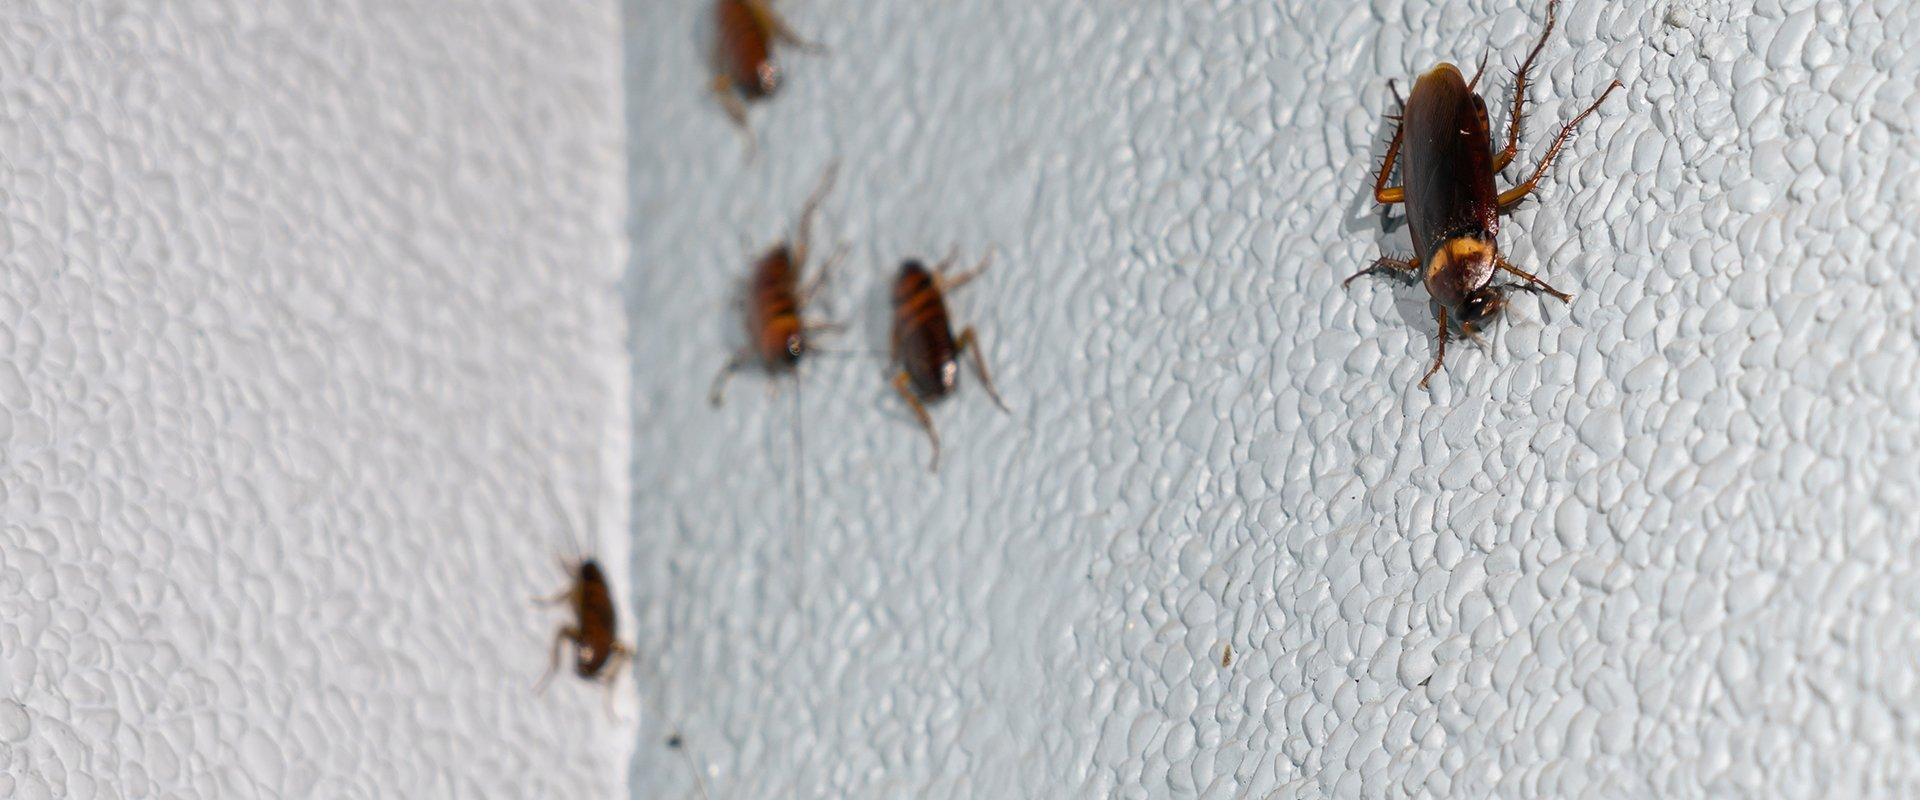 cockroach on a bathroom wall